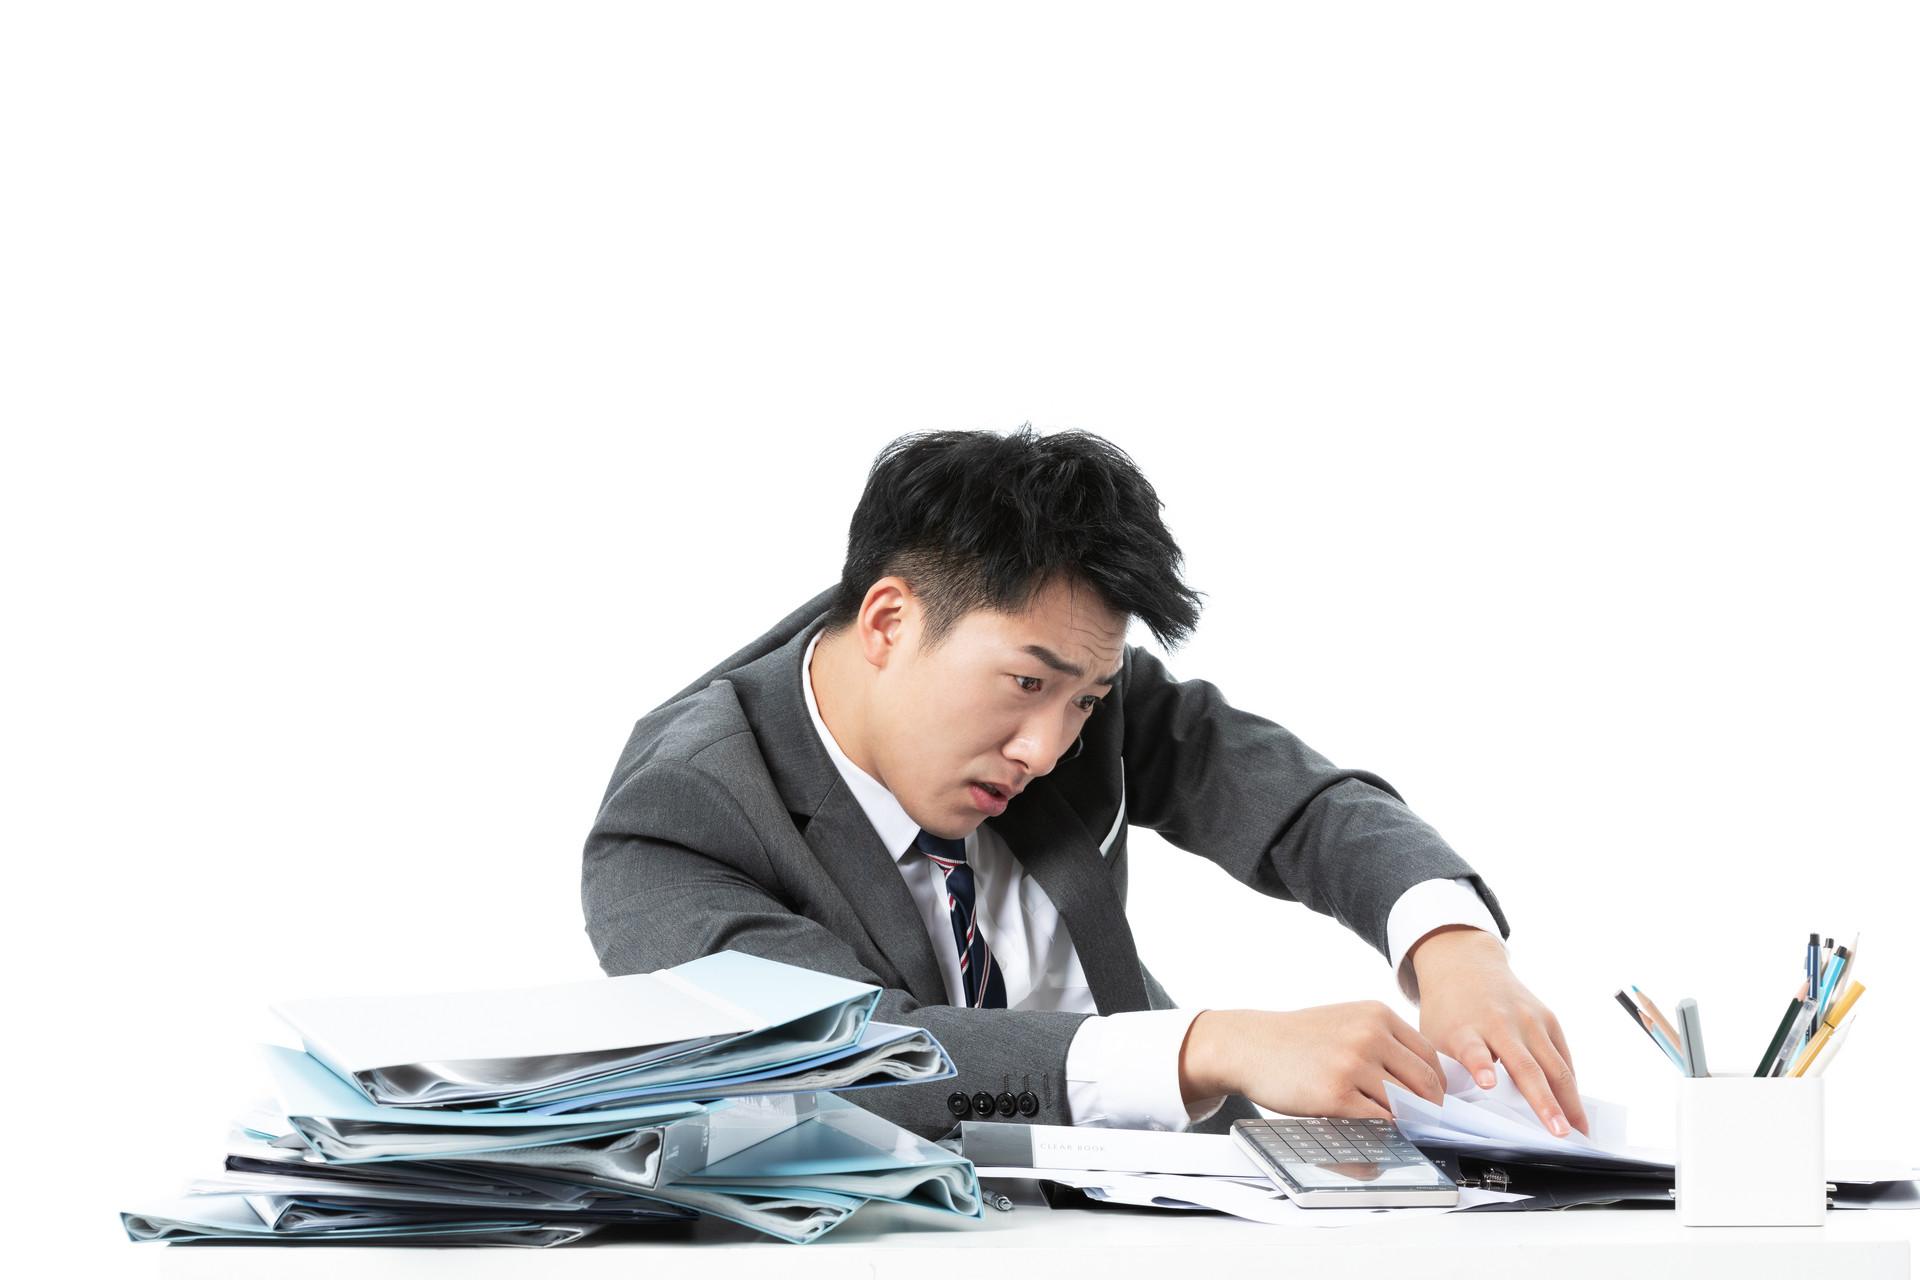 工资条如何做 需要具备哪些内容